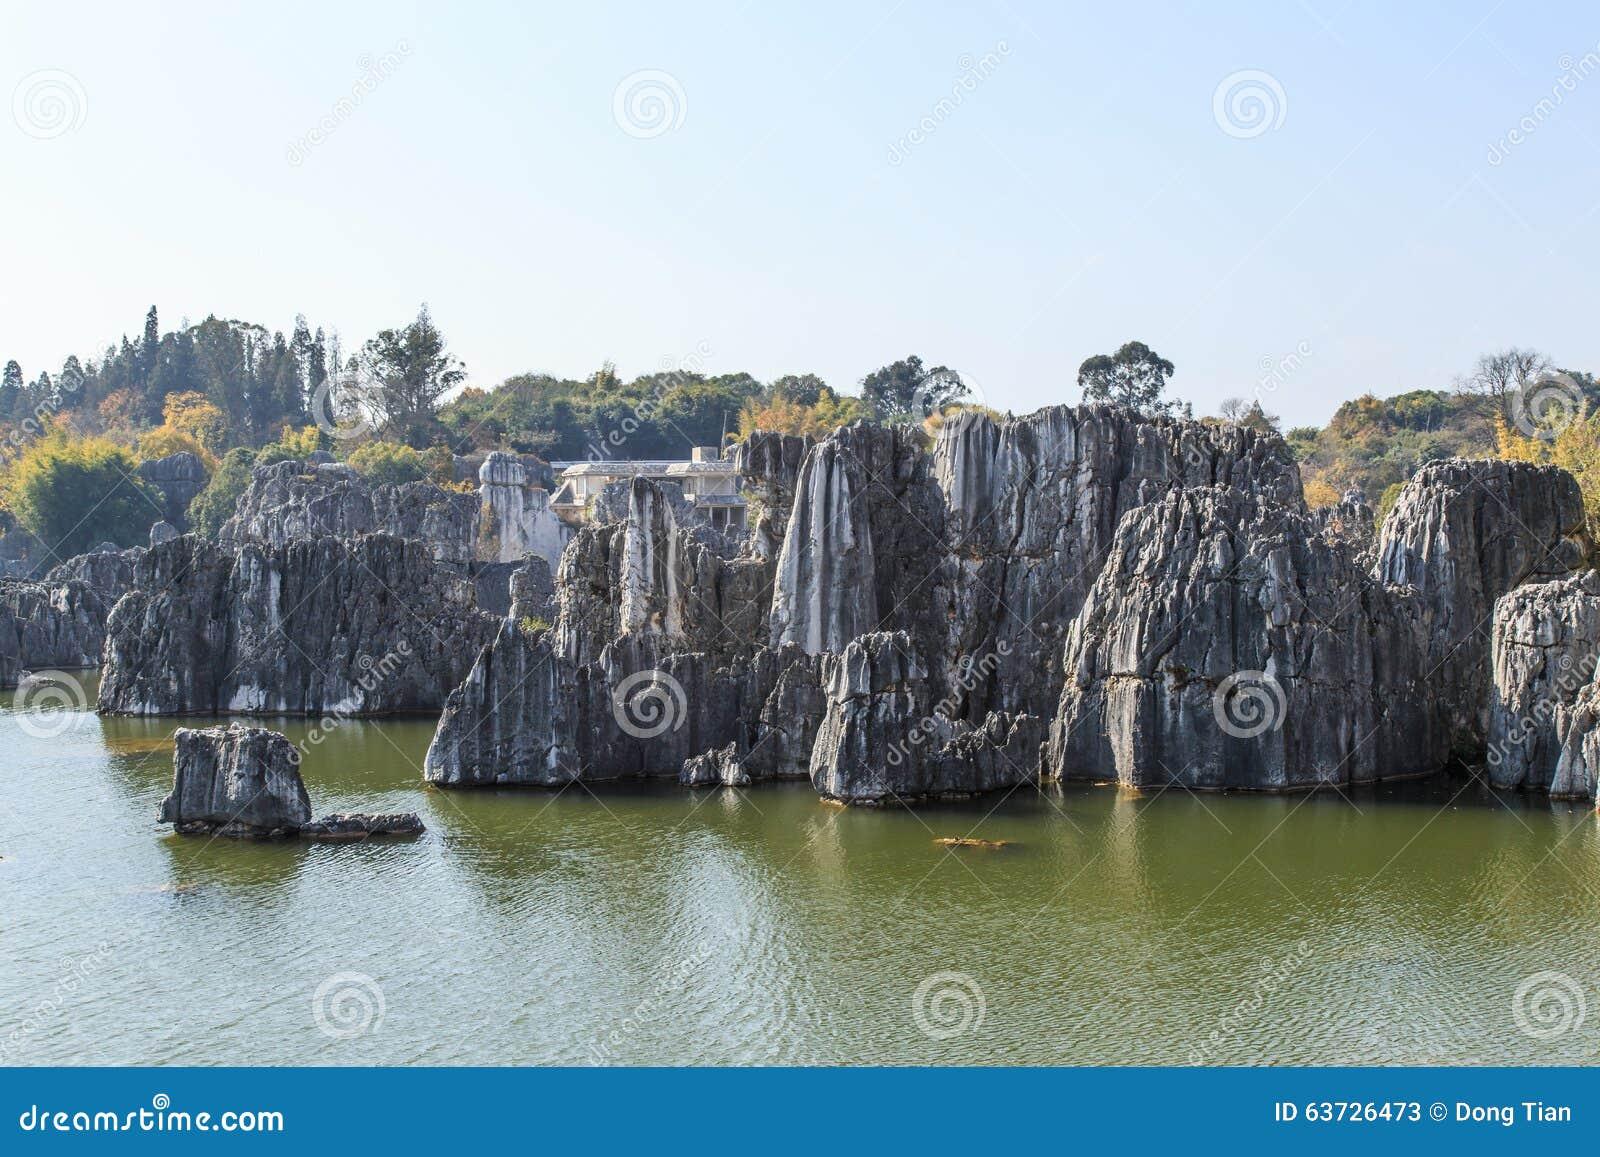 石森林独特的地质风景.图片